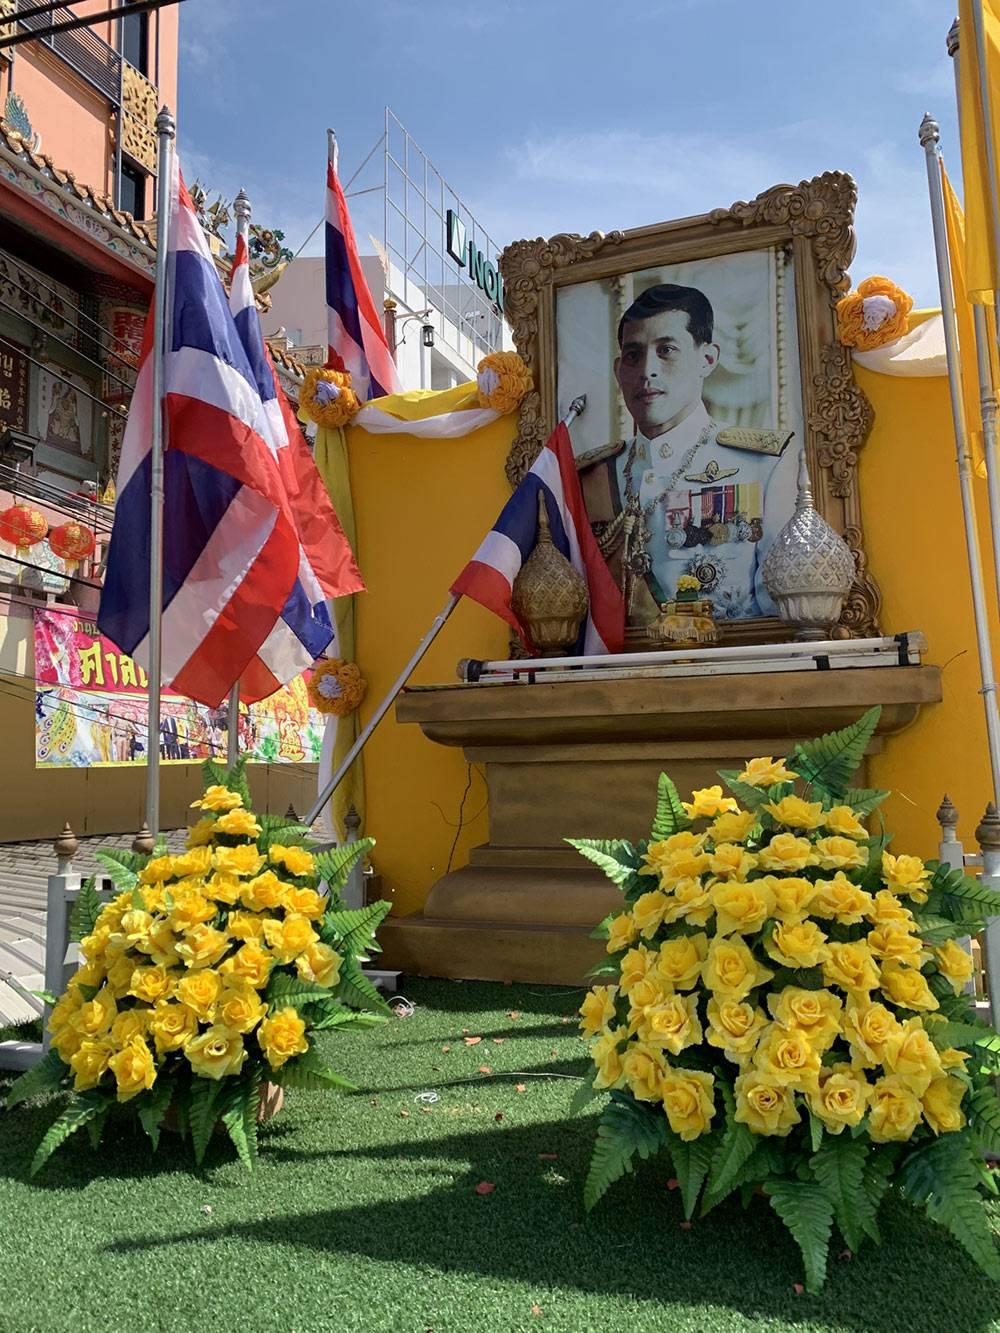 На улицах города можно увидеть очень много фотографий короля Таиланда — его зовут Маха Вачиралонгкорн